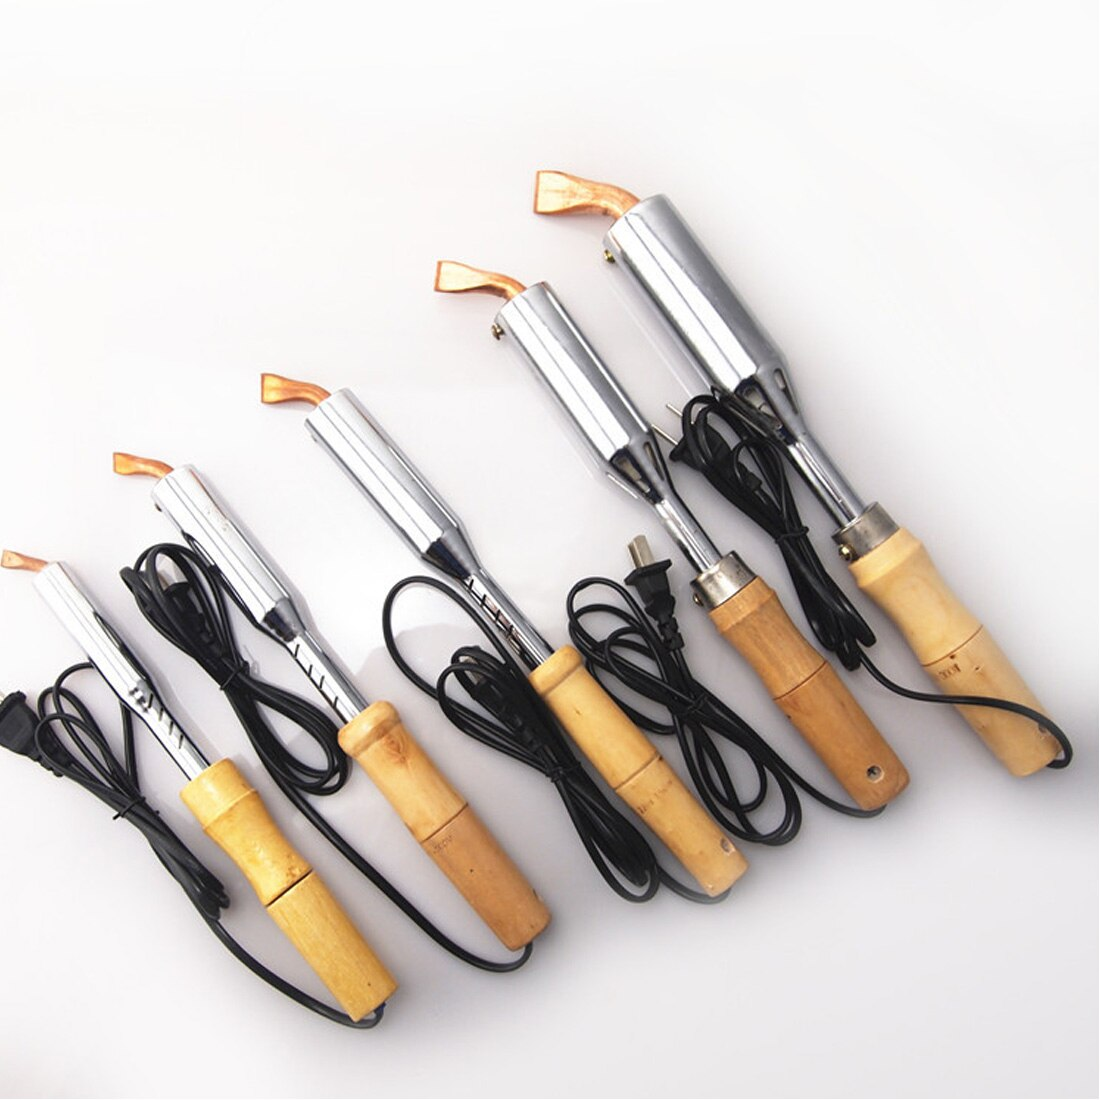 Горячая 220 В 50 Гц Электрический паяльник высокой мощности зубило наконечник паяльник зубило наконечник деревянной ручкой